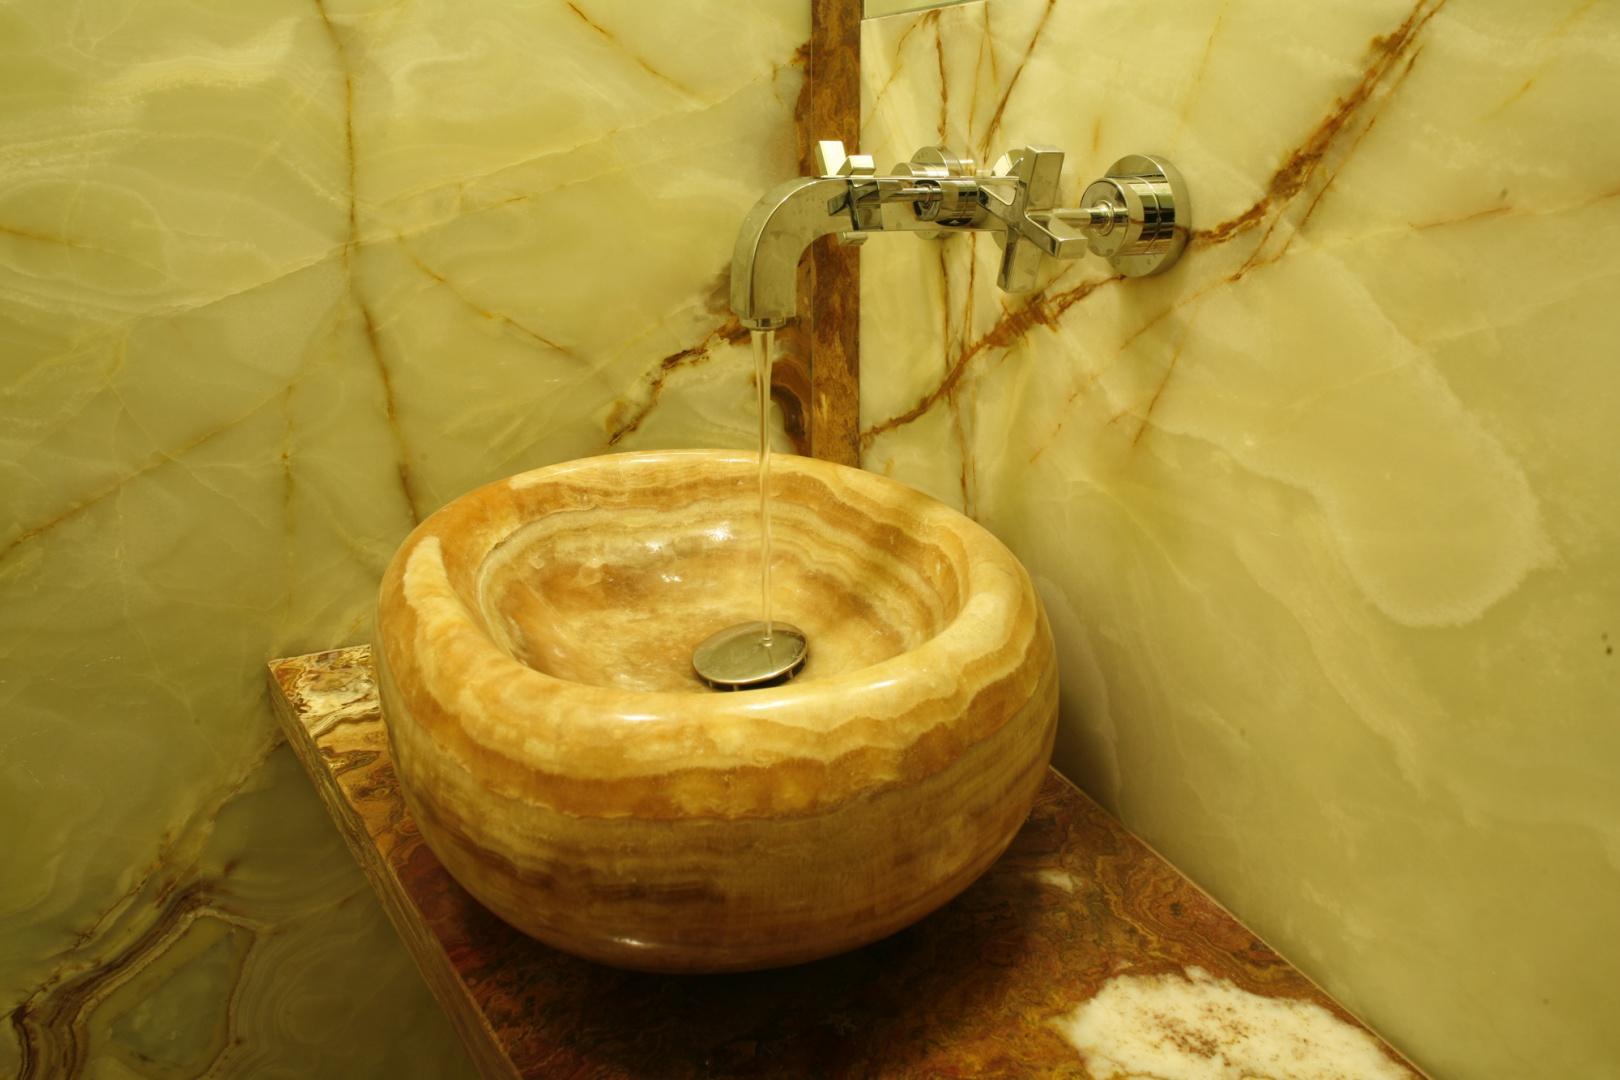 Umywalka została wydrążona w grubym bloku onyksu. To unikatowy projekt, zrealizowany specjalnie do tej łazienki. Fot. Bartosz Jarosz.